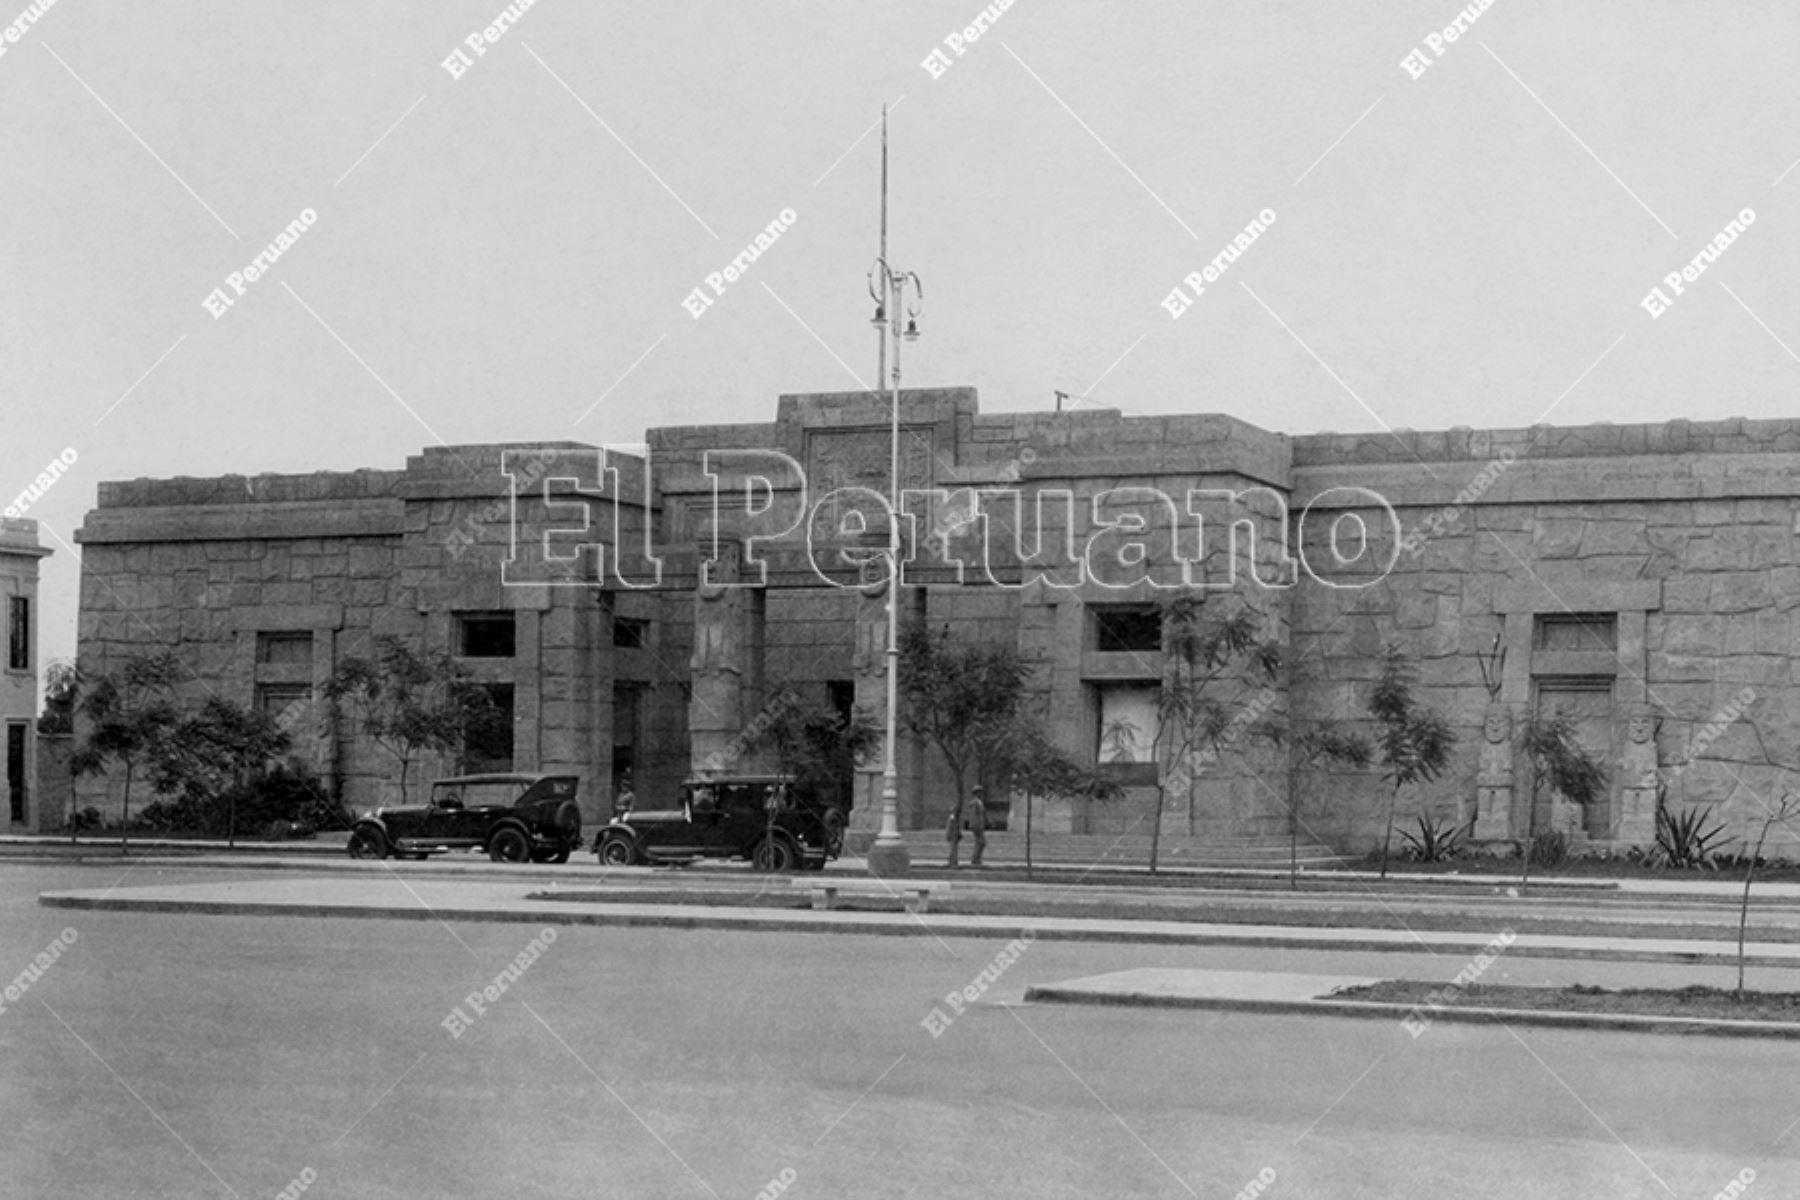 Antiguo Museo Arqueológico del Perú, hoy Museo de la Cultura Peruana, en la Avenida Alfonso Ugarte (1930). Foto: Archivo Histórico de El Peruano